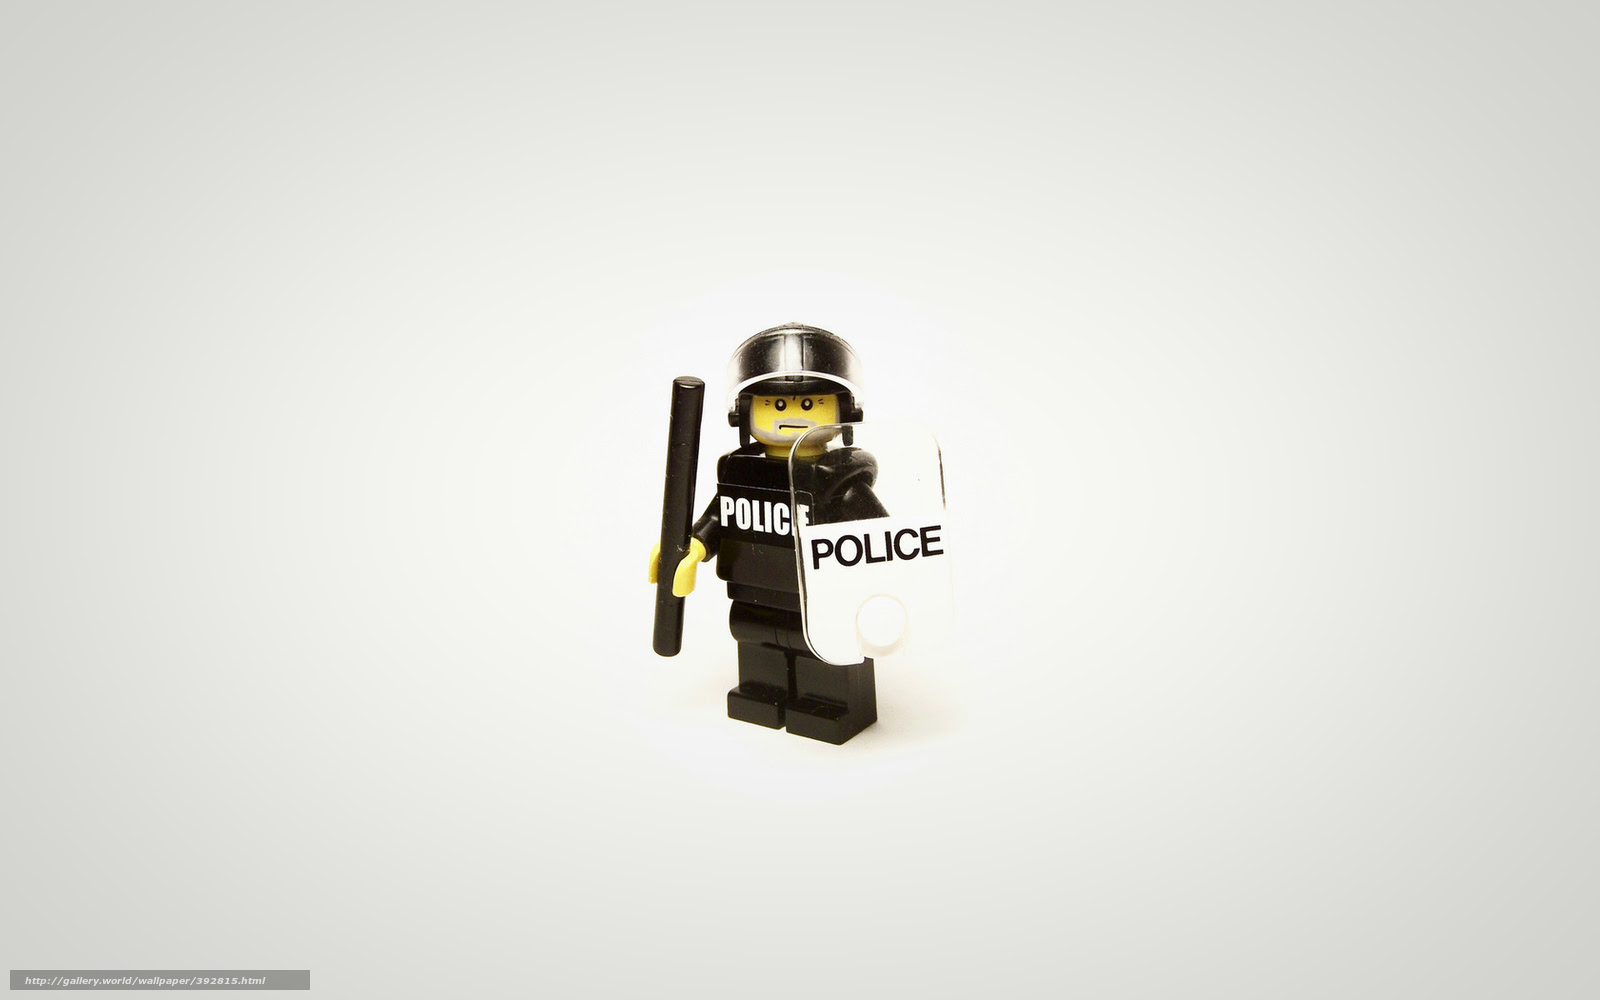 壁紙をダウンロード ミニマリズム レゴ 警察 デスクトップの解像度の